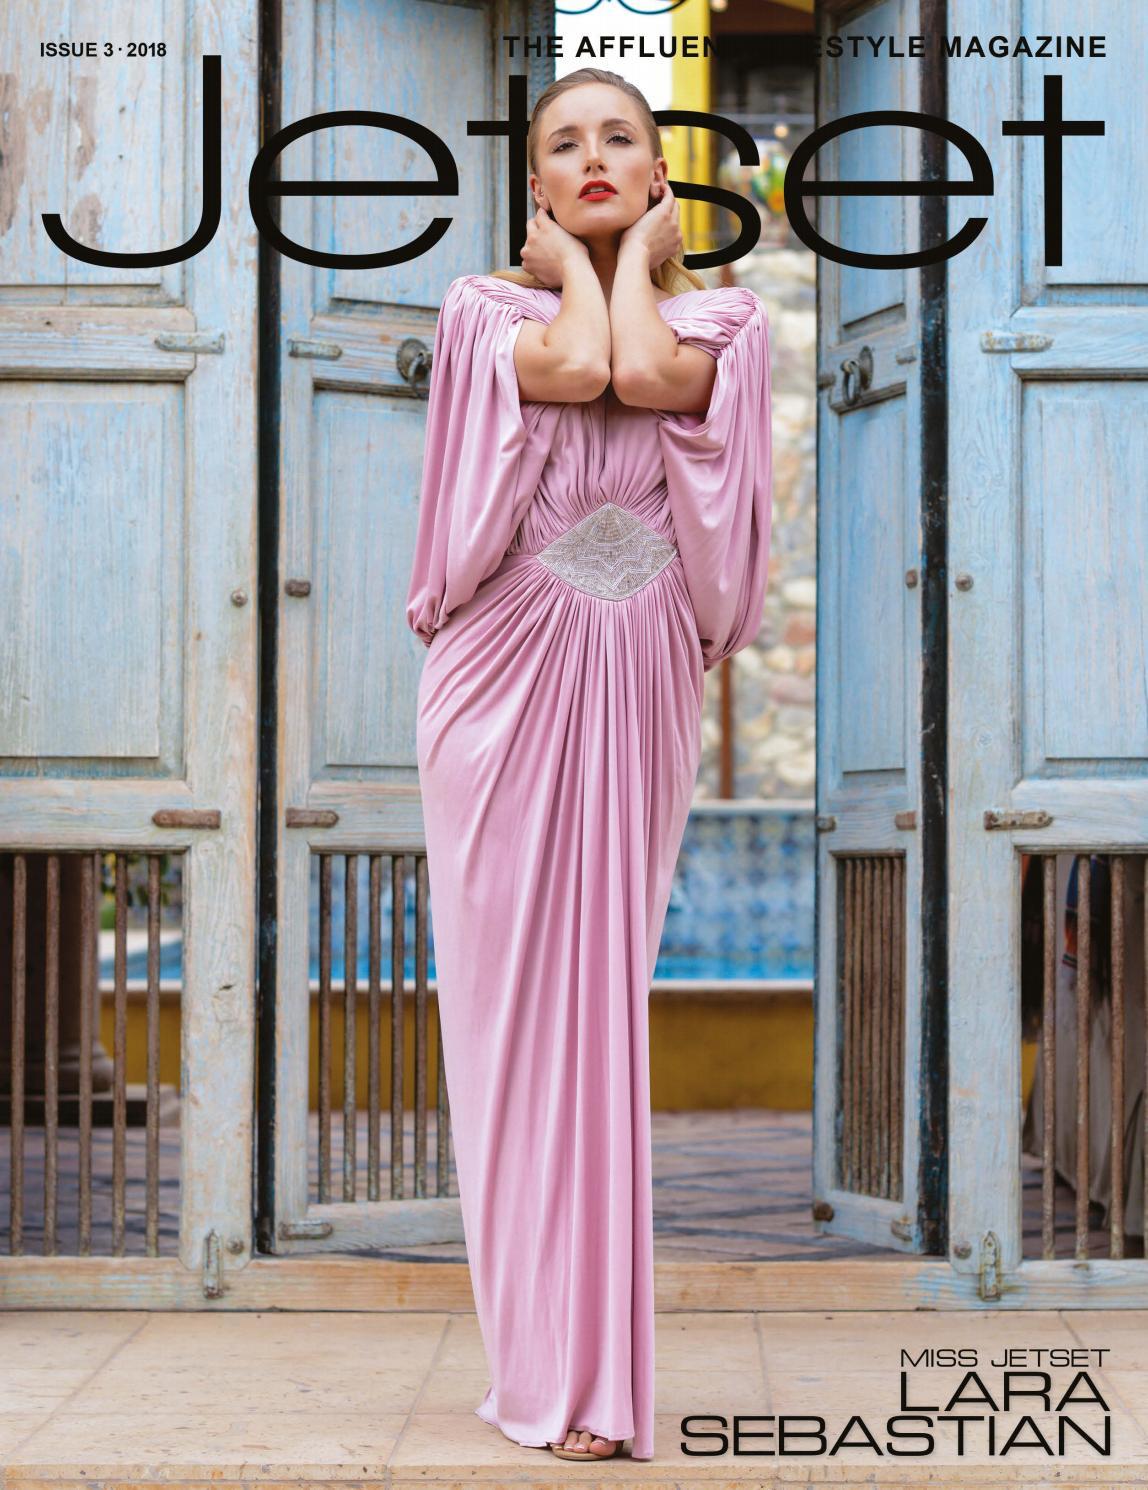 Jetset Magazine - Issue 3, 2018 by Jetset Magazine - issuu